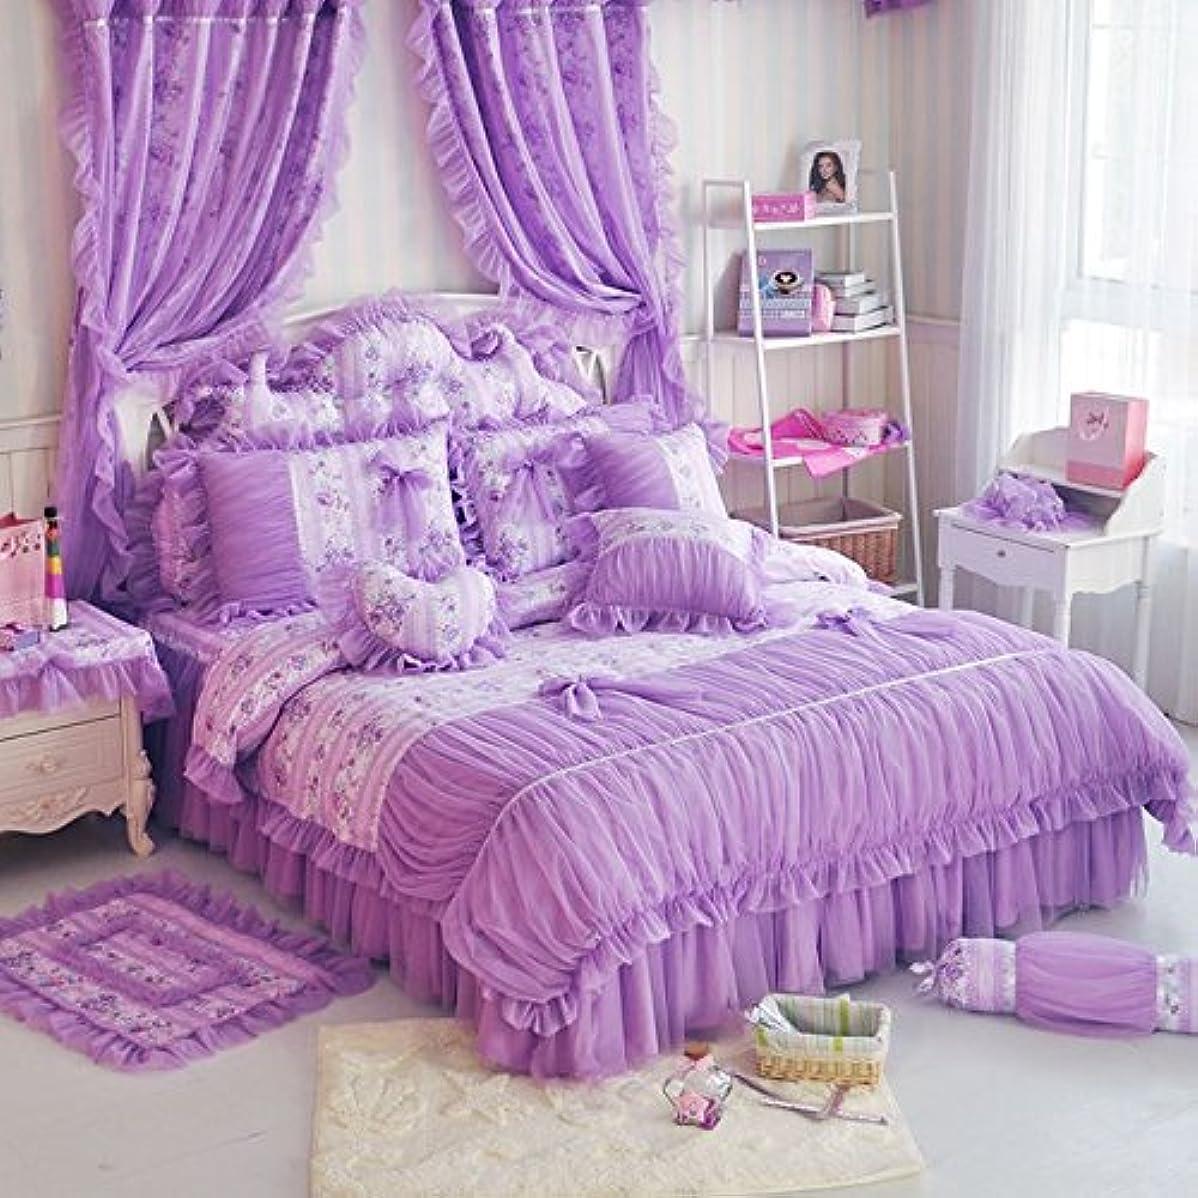 彼ら領事館非難Sisbay韓国農村プリンセス寝具、繊細な花柄プリントレース布団カバー、ベビーガールズ用フリル付きファンシー結婚ベッドスカート ツイン パープル